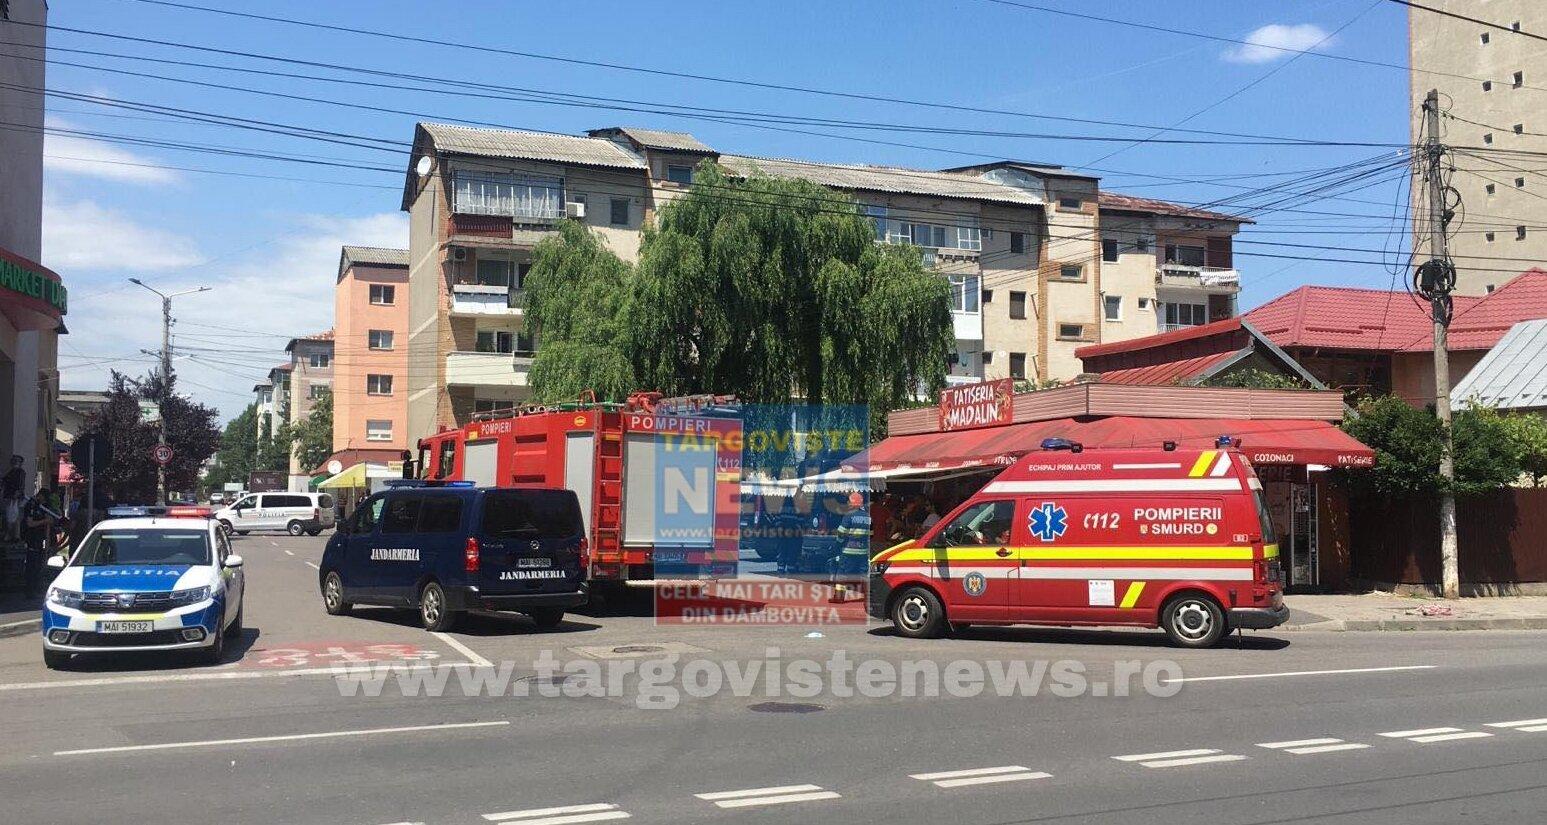 ACUM – Alertă cu bombă în micro 4, în Târgoviște. Pirotehniștii intervin la fața locului